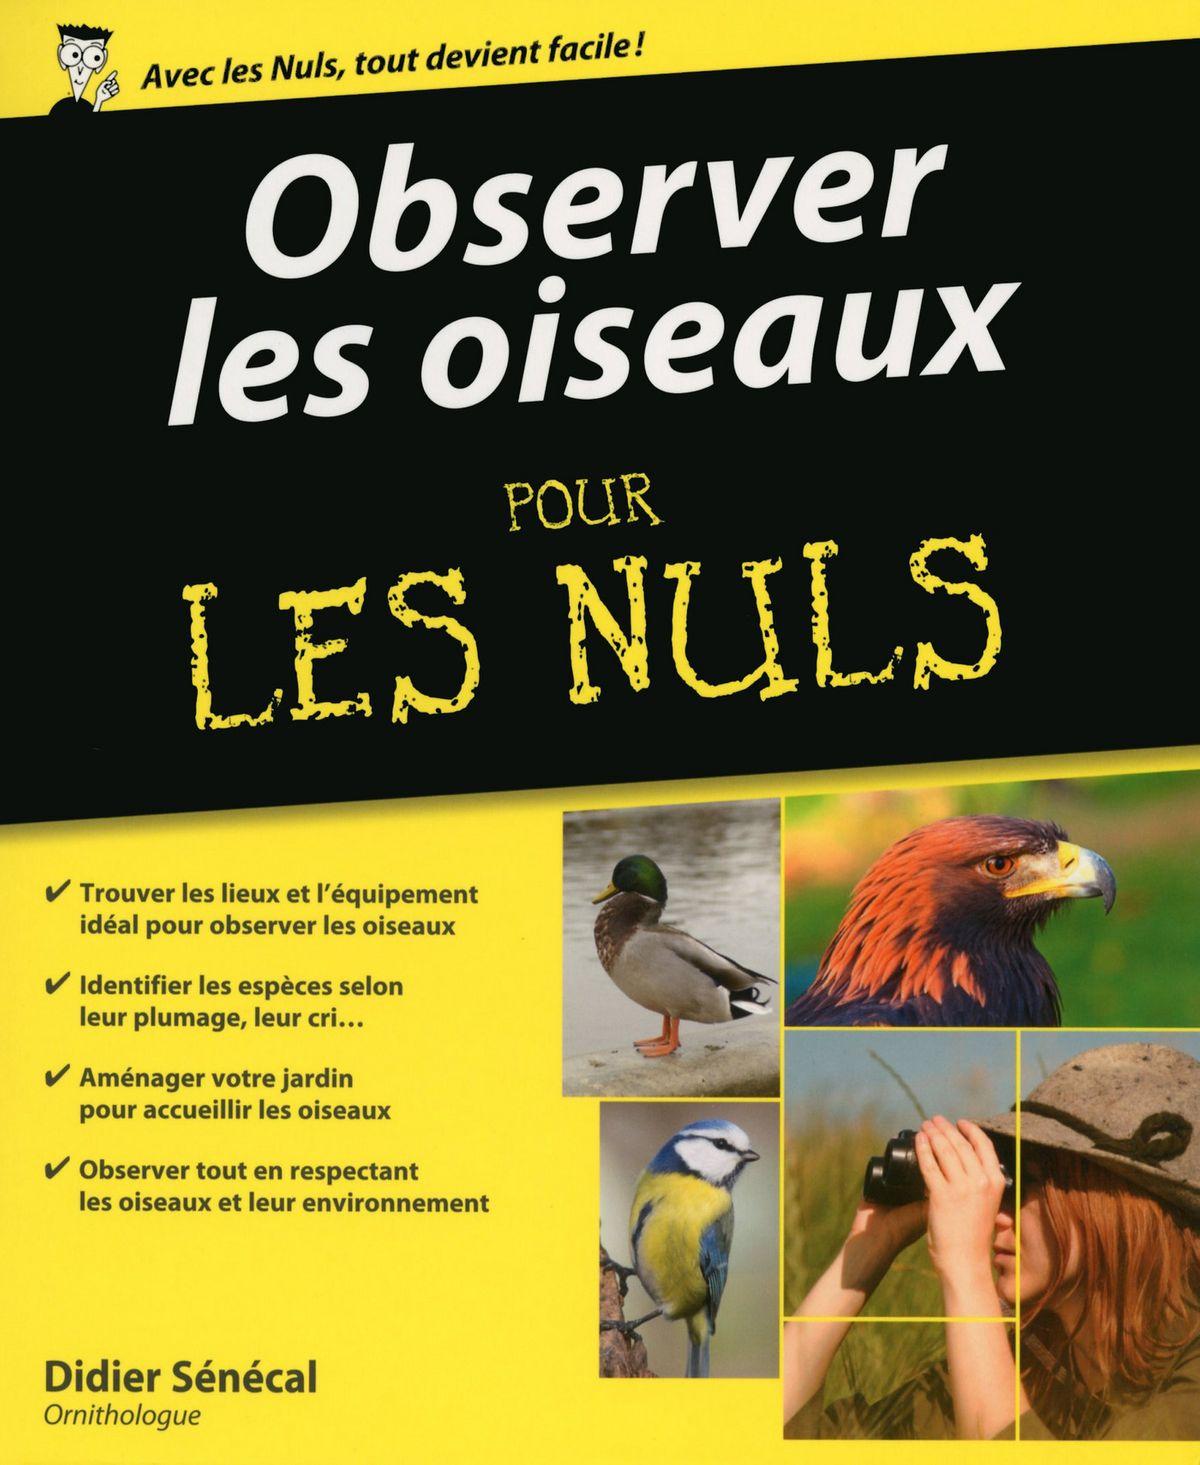 Observer Les Oiseaux Pour Les Nuls Ebooks By Didier Senecal - Rakuten Kobo dedans Le Jardin Pour Les Nuls